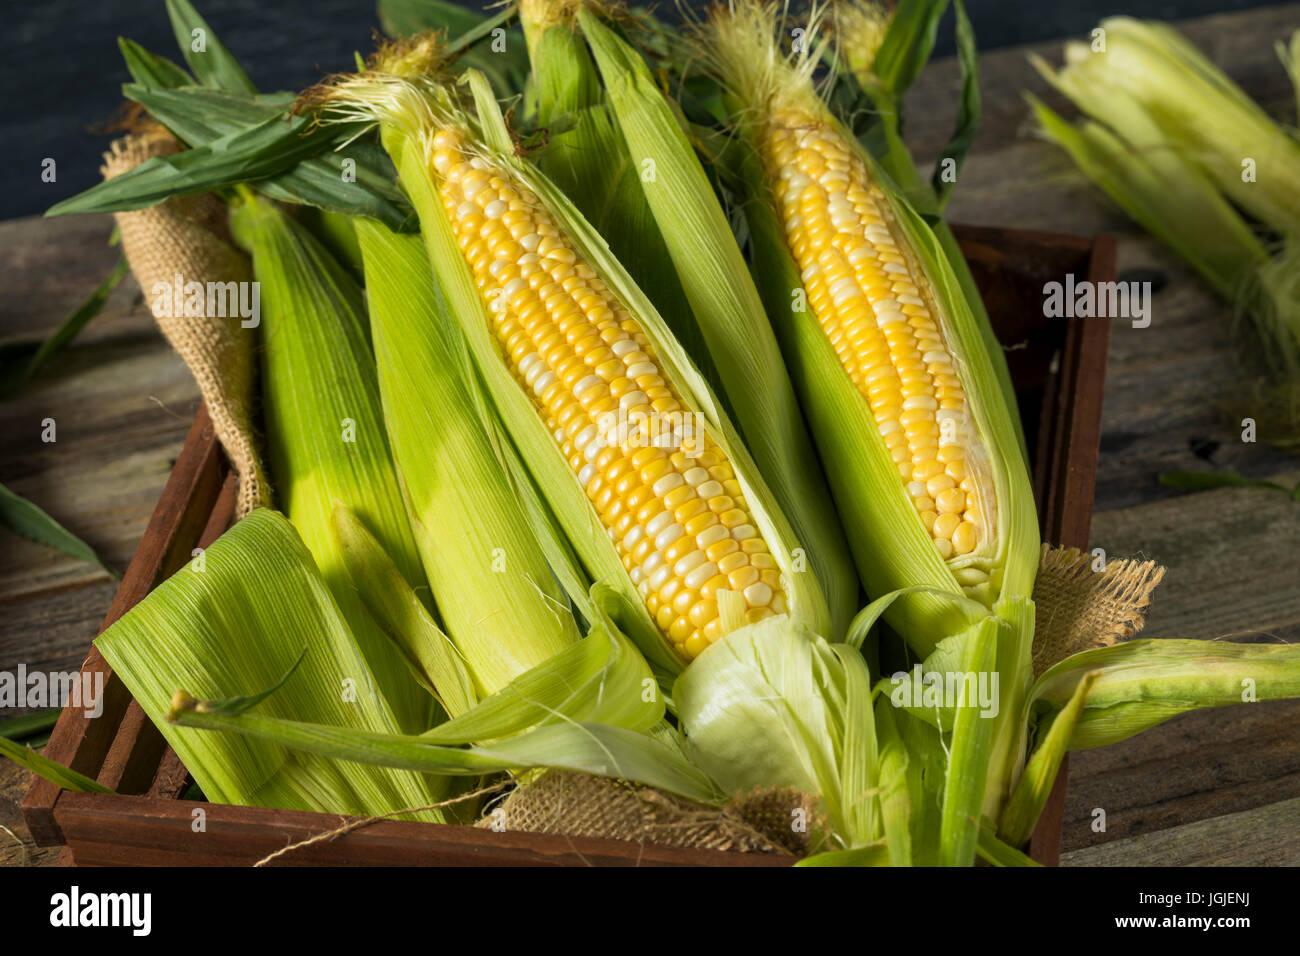 Les matières organiques des épis de maïs jaune prêt à manger Photo Stock